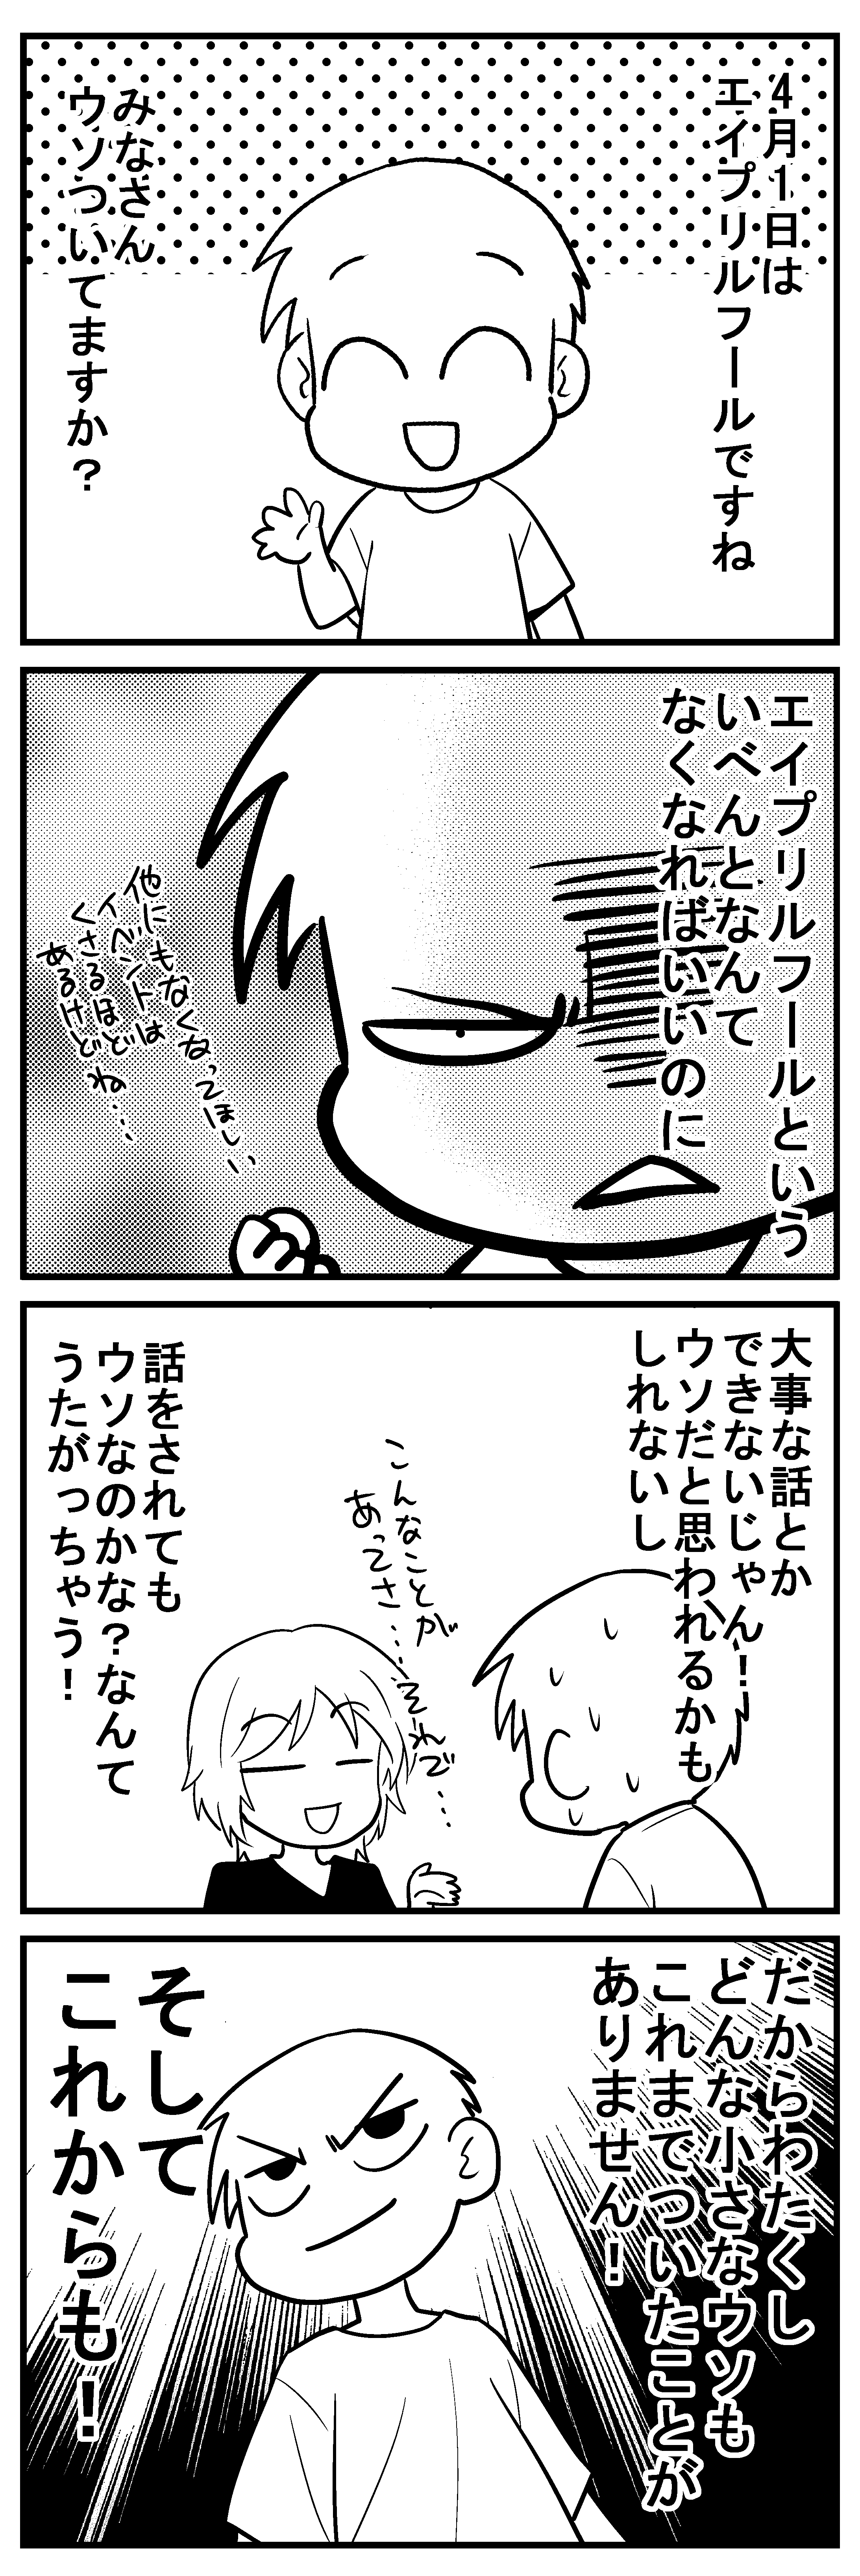 深読みくん4月1日-1